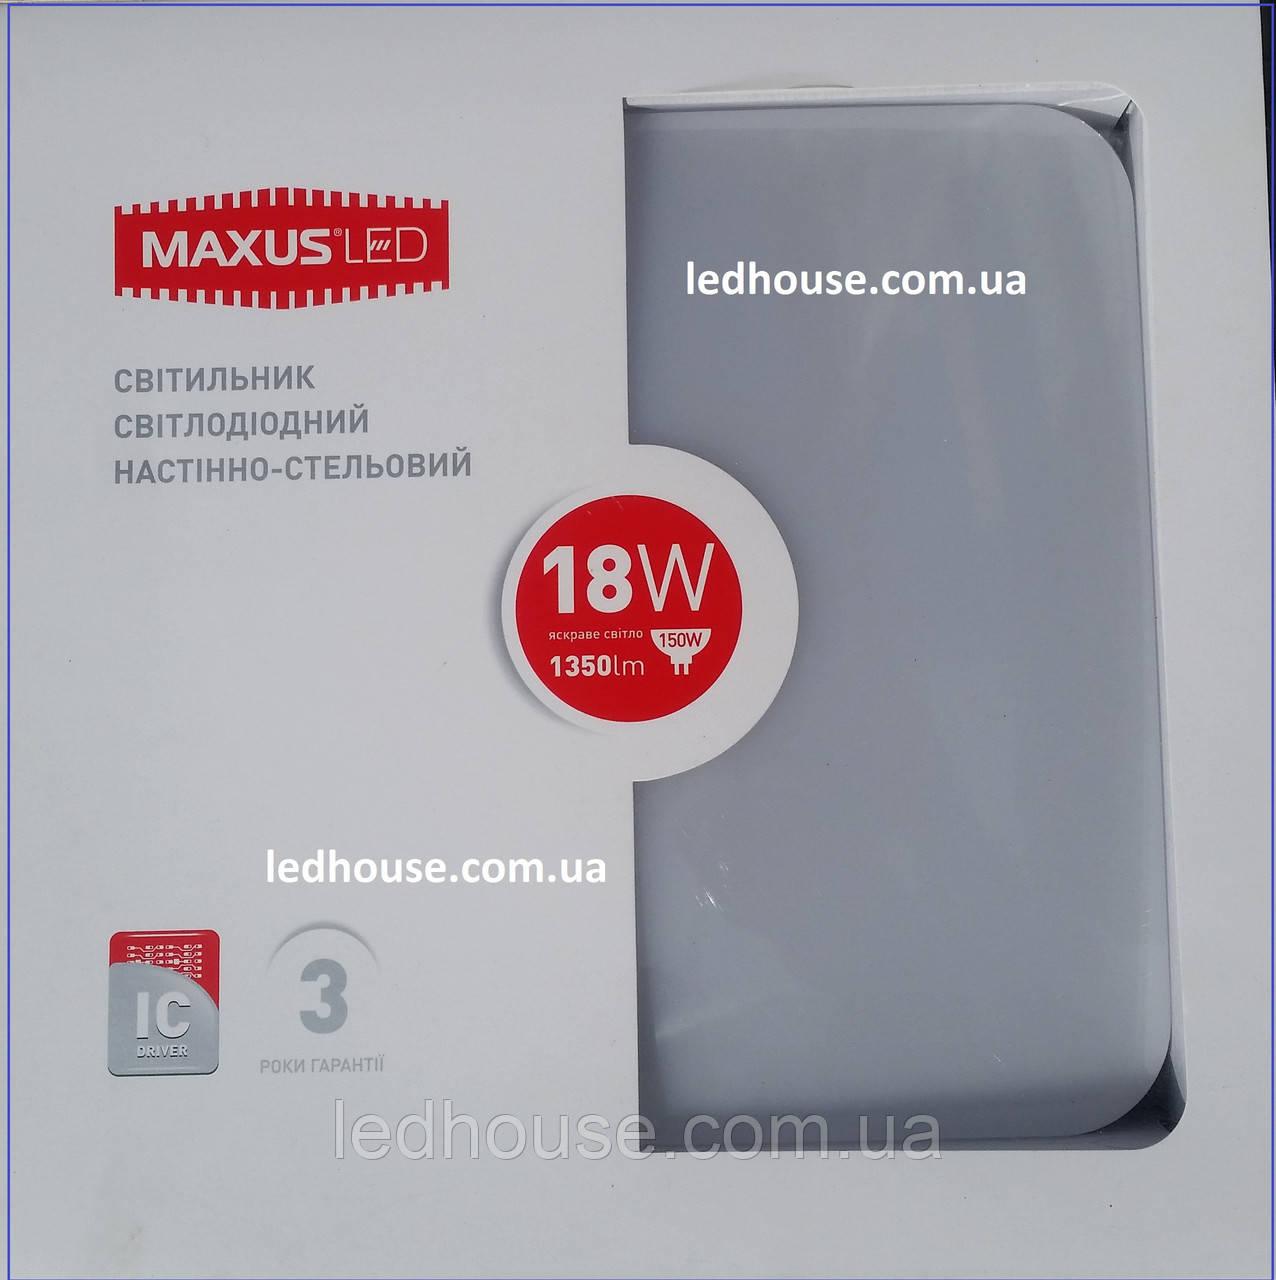 Светильник MAXUS LED настенно-потолочный 18W с ярким светом